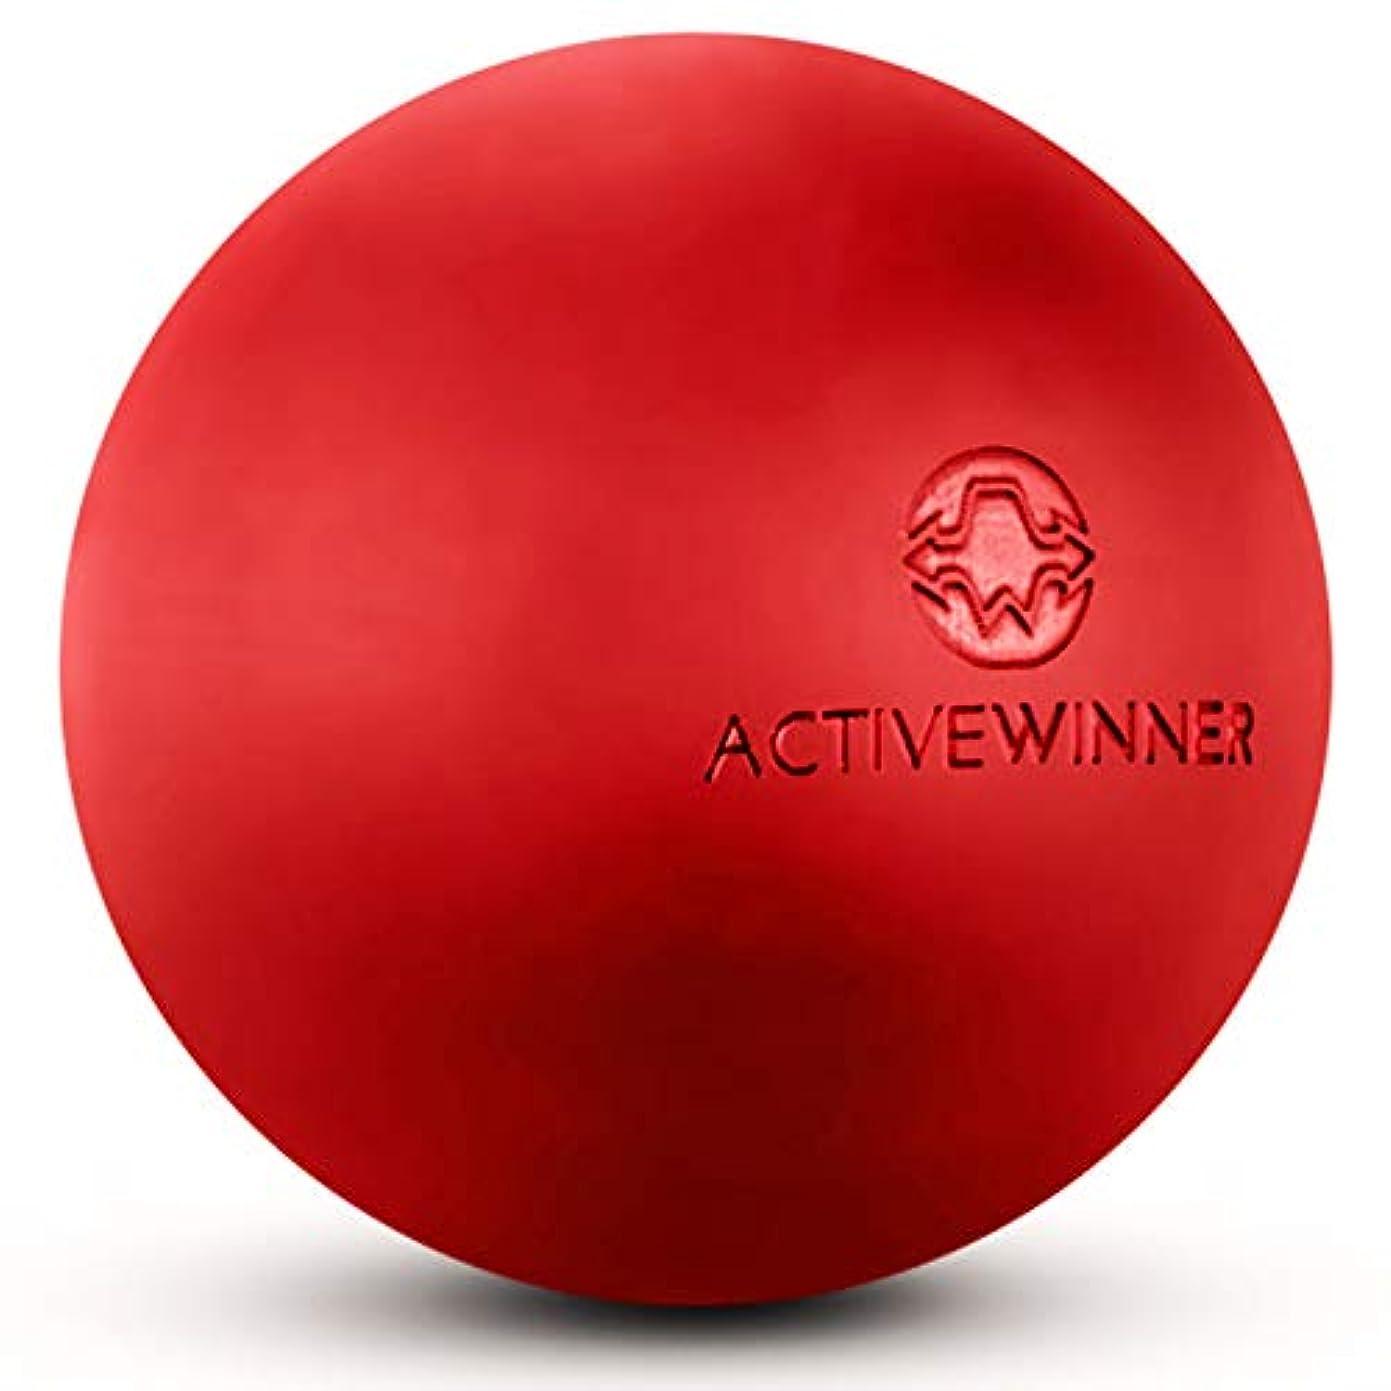 広々とした電報自発Active Winner マッサージボール トリガーポイント (レッド) ストレッチボール 筋膜リリース トレーニング 背中 肩こり 腰 ふくらはぎ 足 ツボ押し